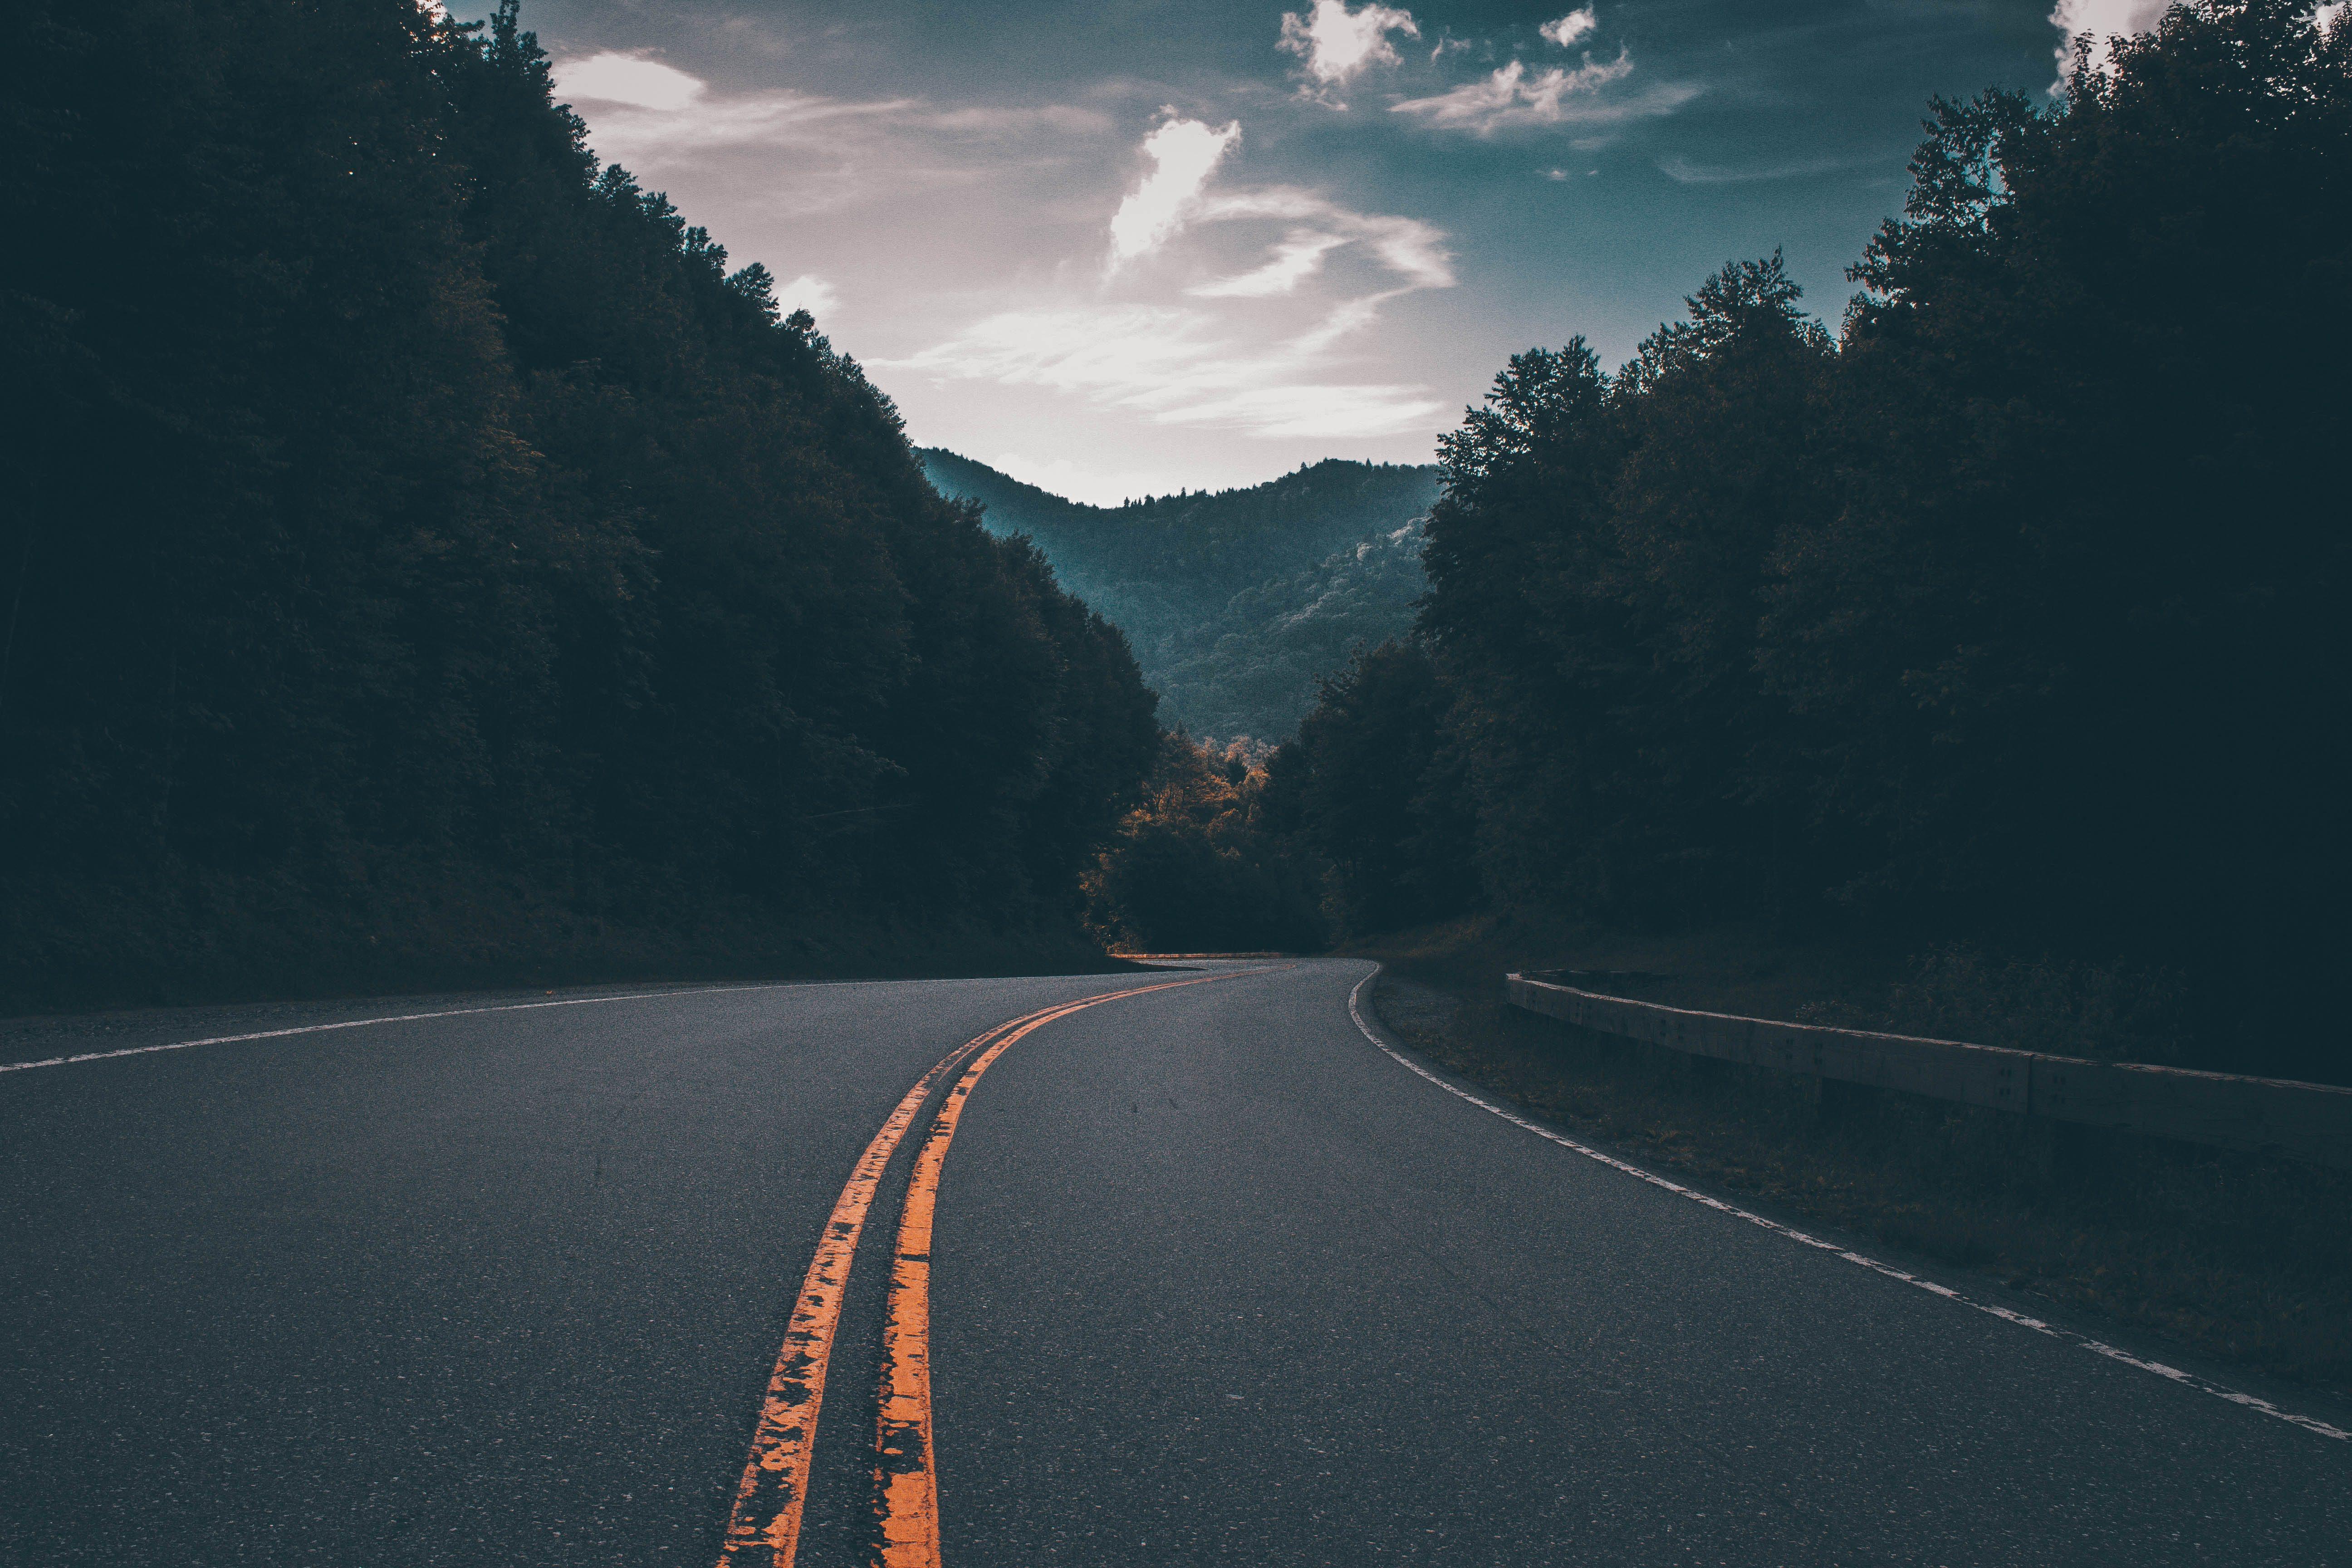 Smoky Mountains Iphone Wallpaper Idrop News